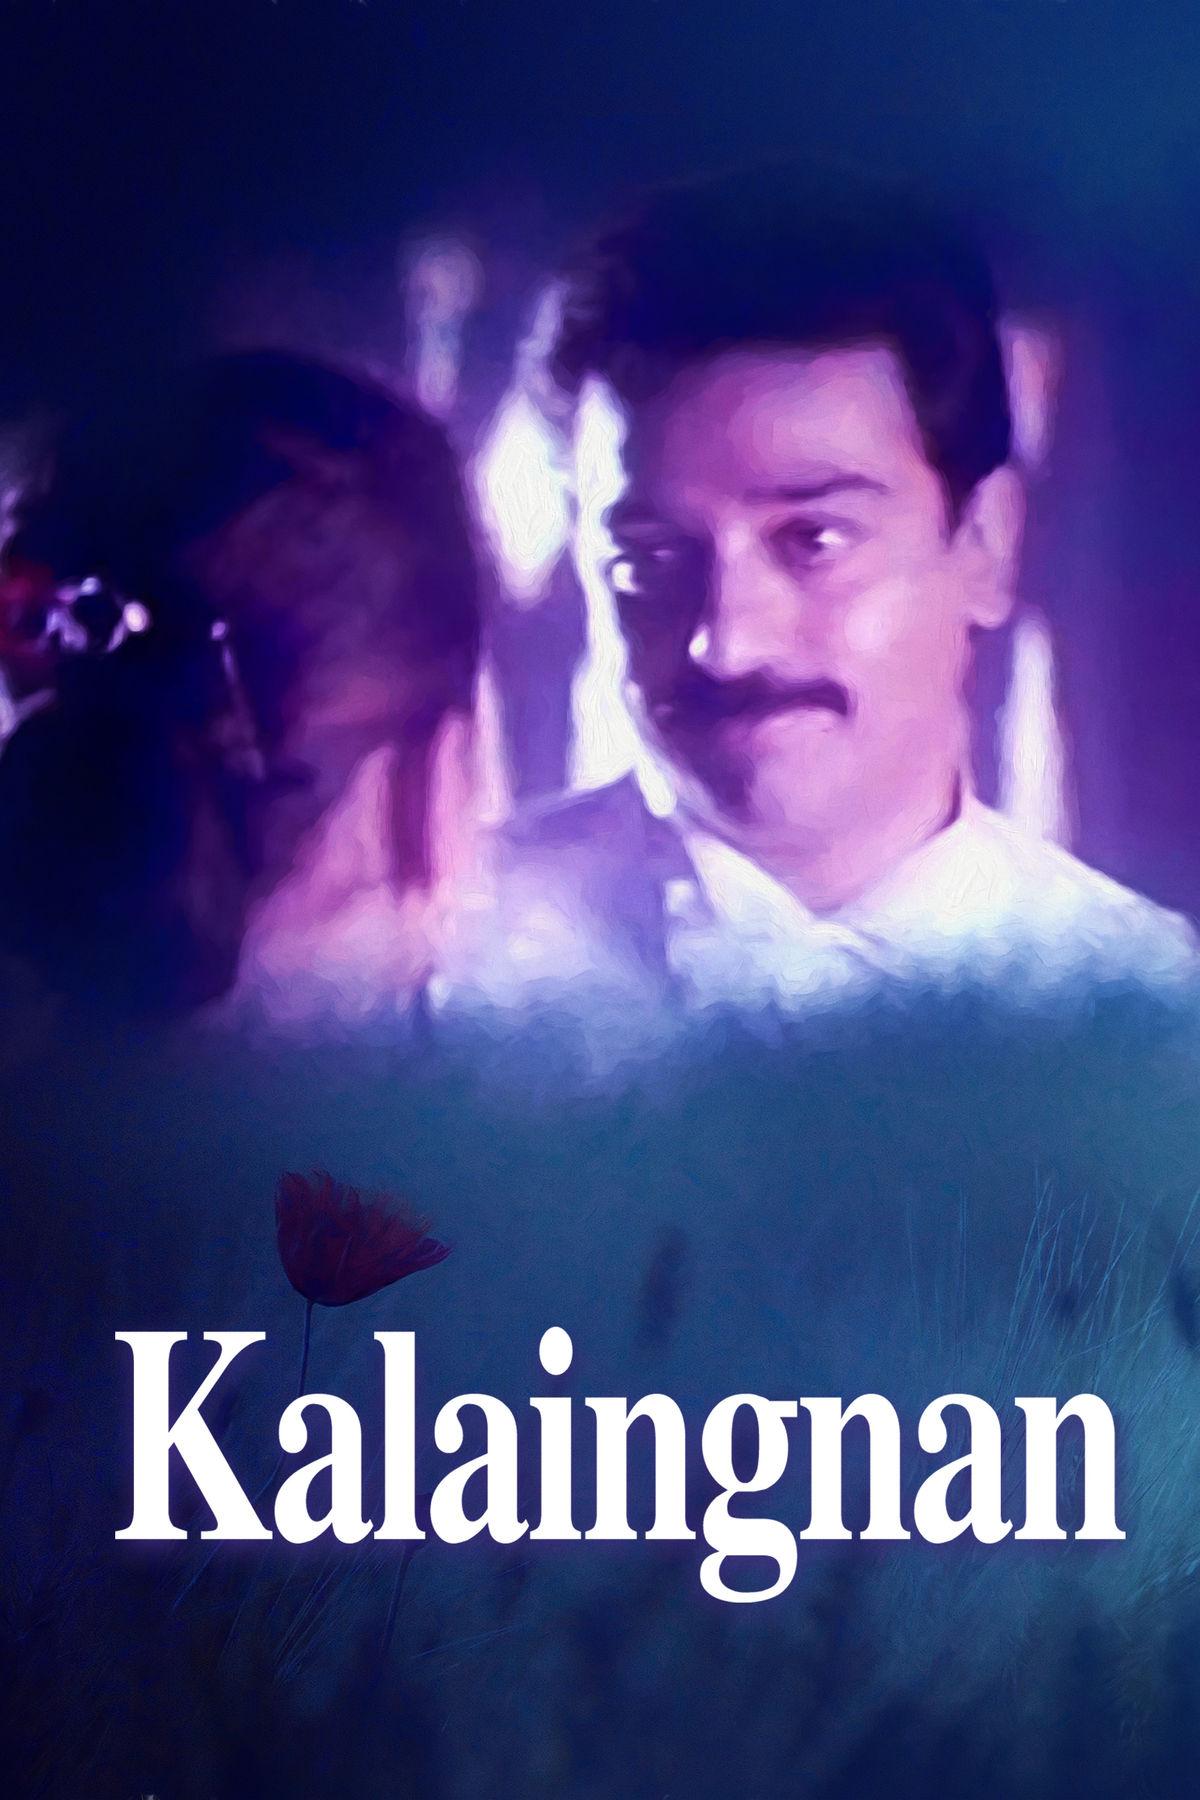 Kalaingnan